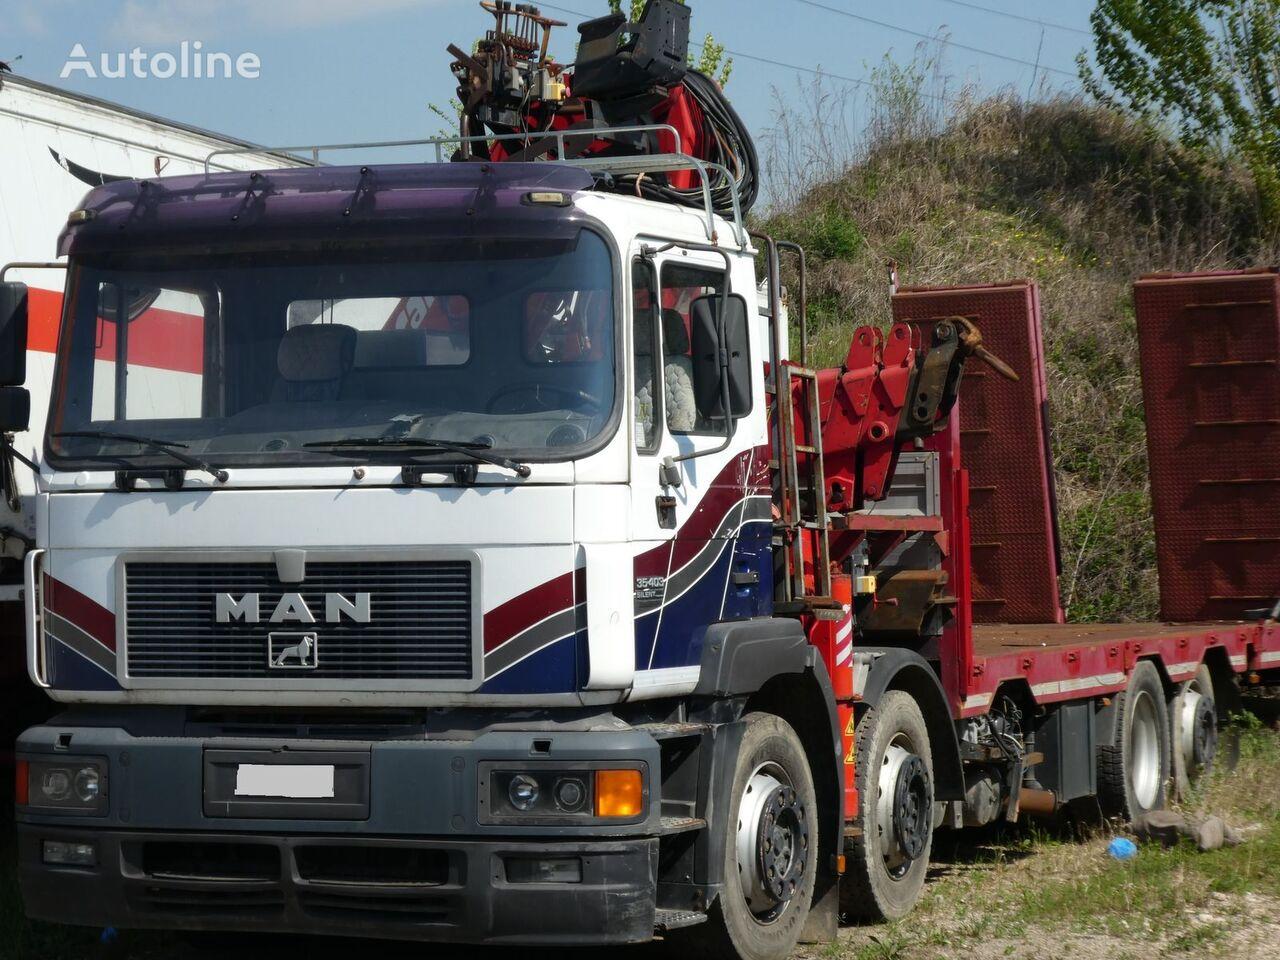 MAN F2000 35.401 SILENT plattform lastebil